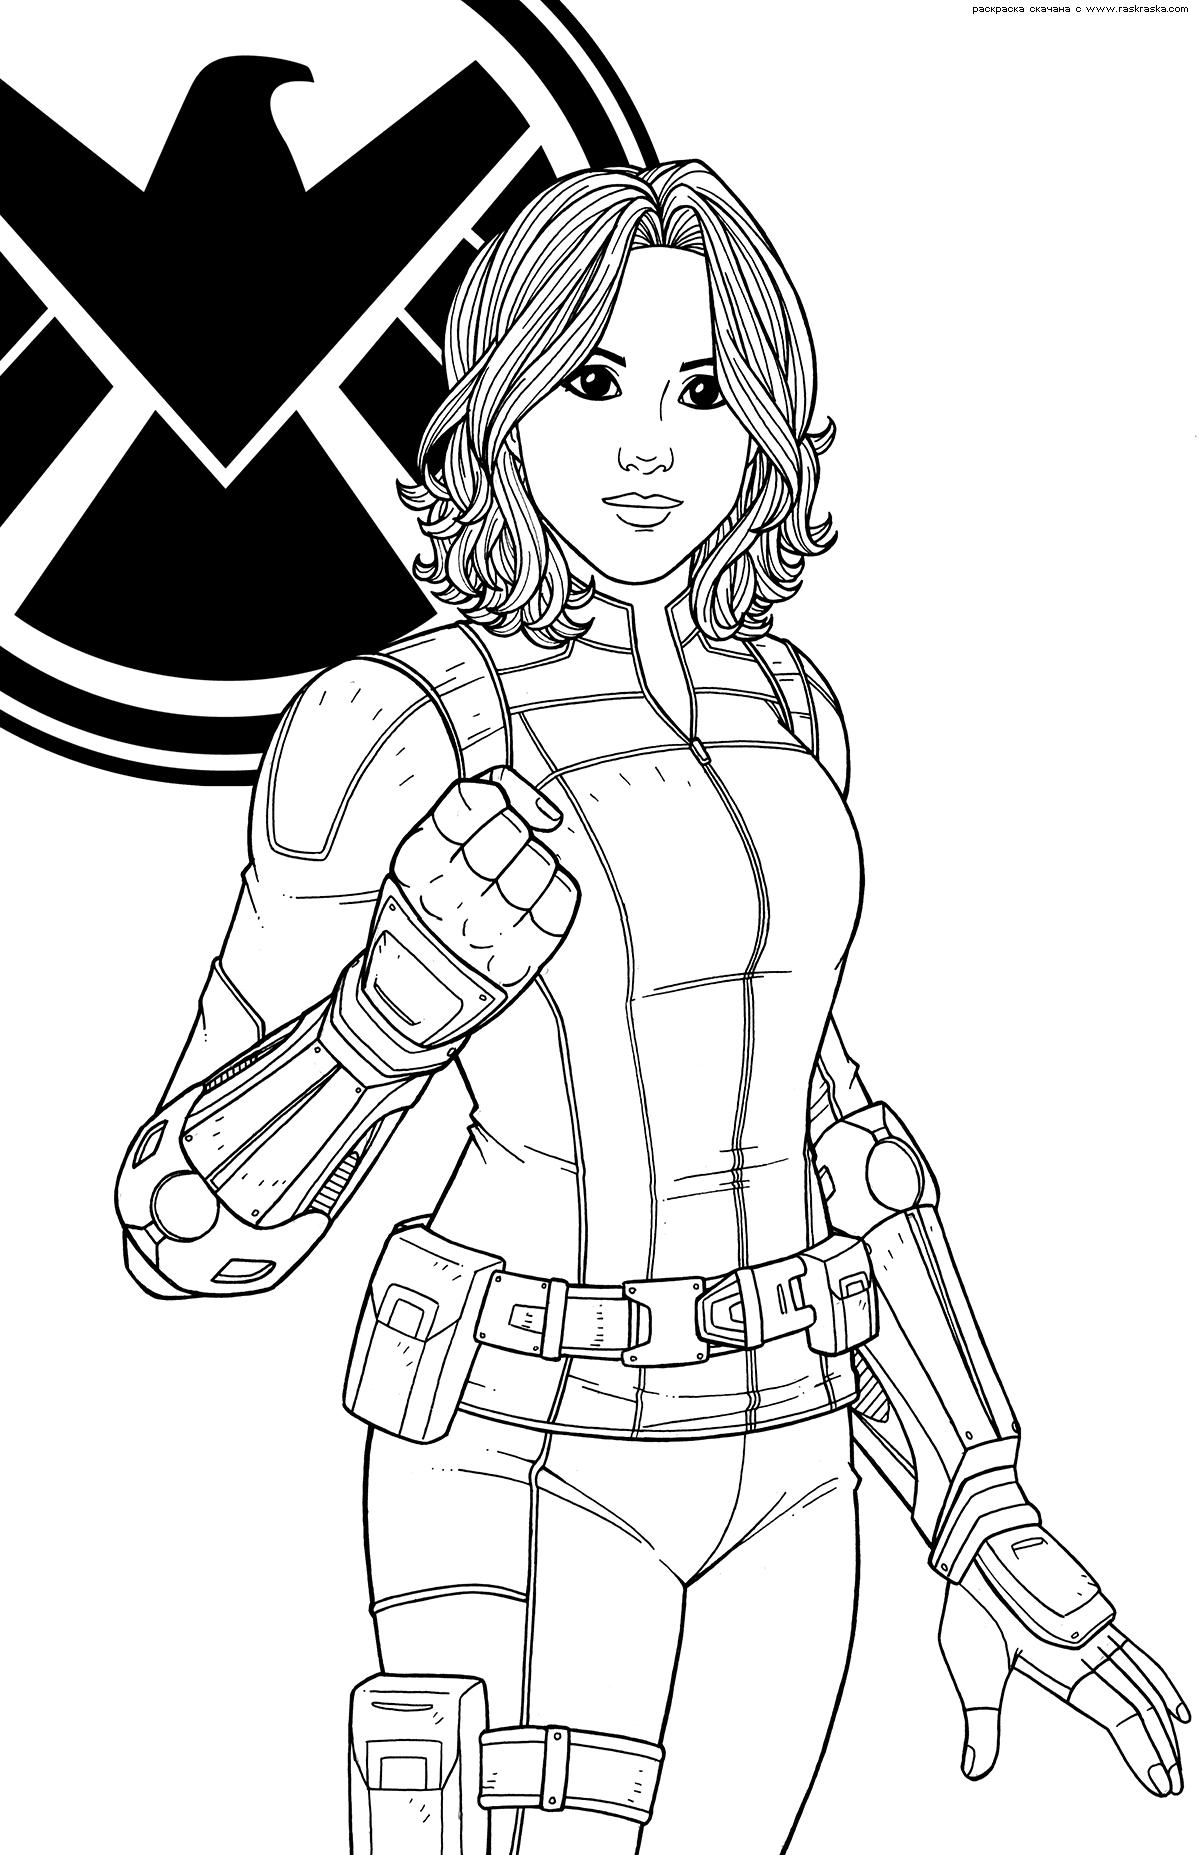 Раскраска Агент Щ.И.Т. Дейзи Джонсон. Раскраска Персонаж комиксов  супергероиня «Marvel Comics», гениальный хакер, Скай